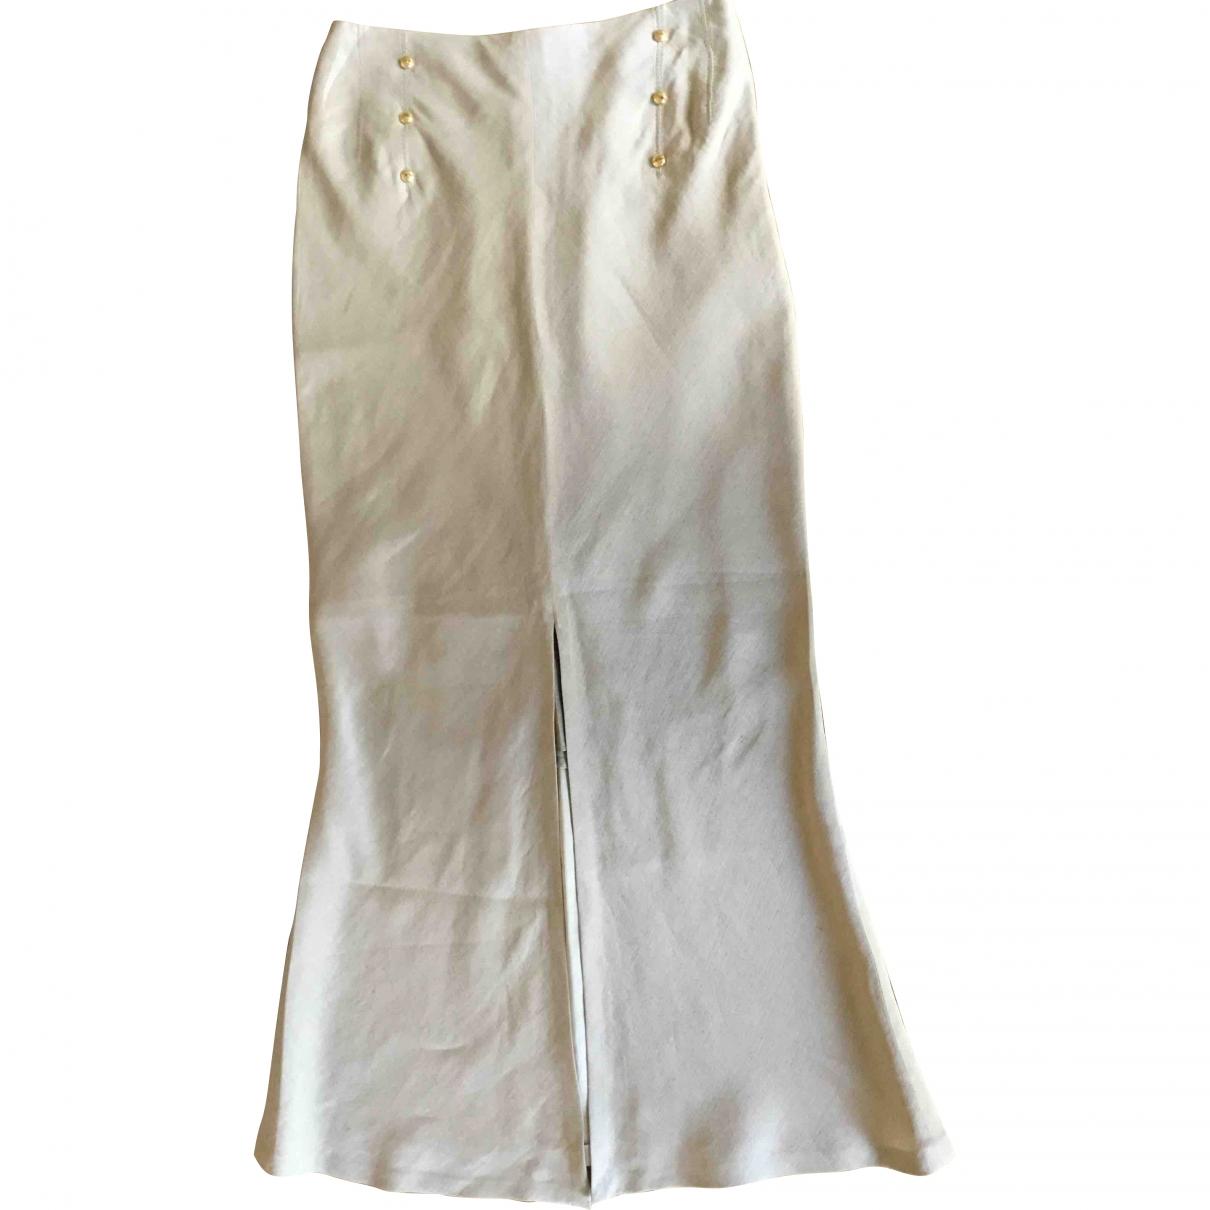 Gianfranco Ferré \N Beige Linen skirt for Women 40 IT